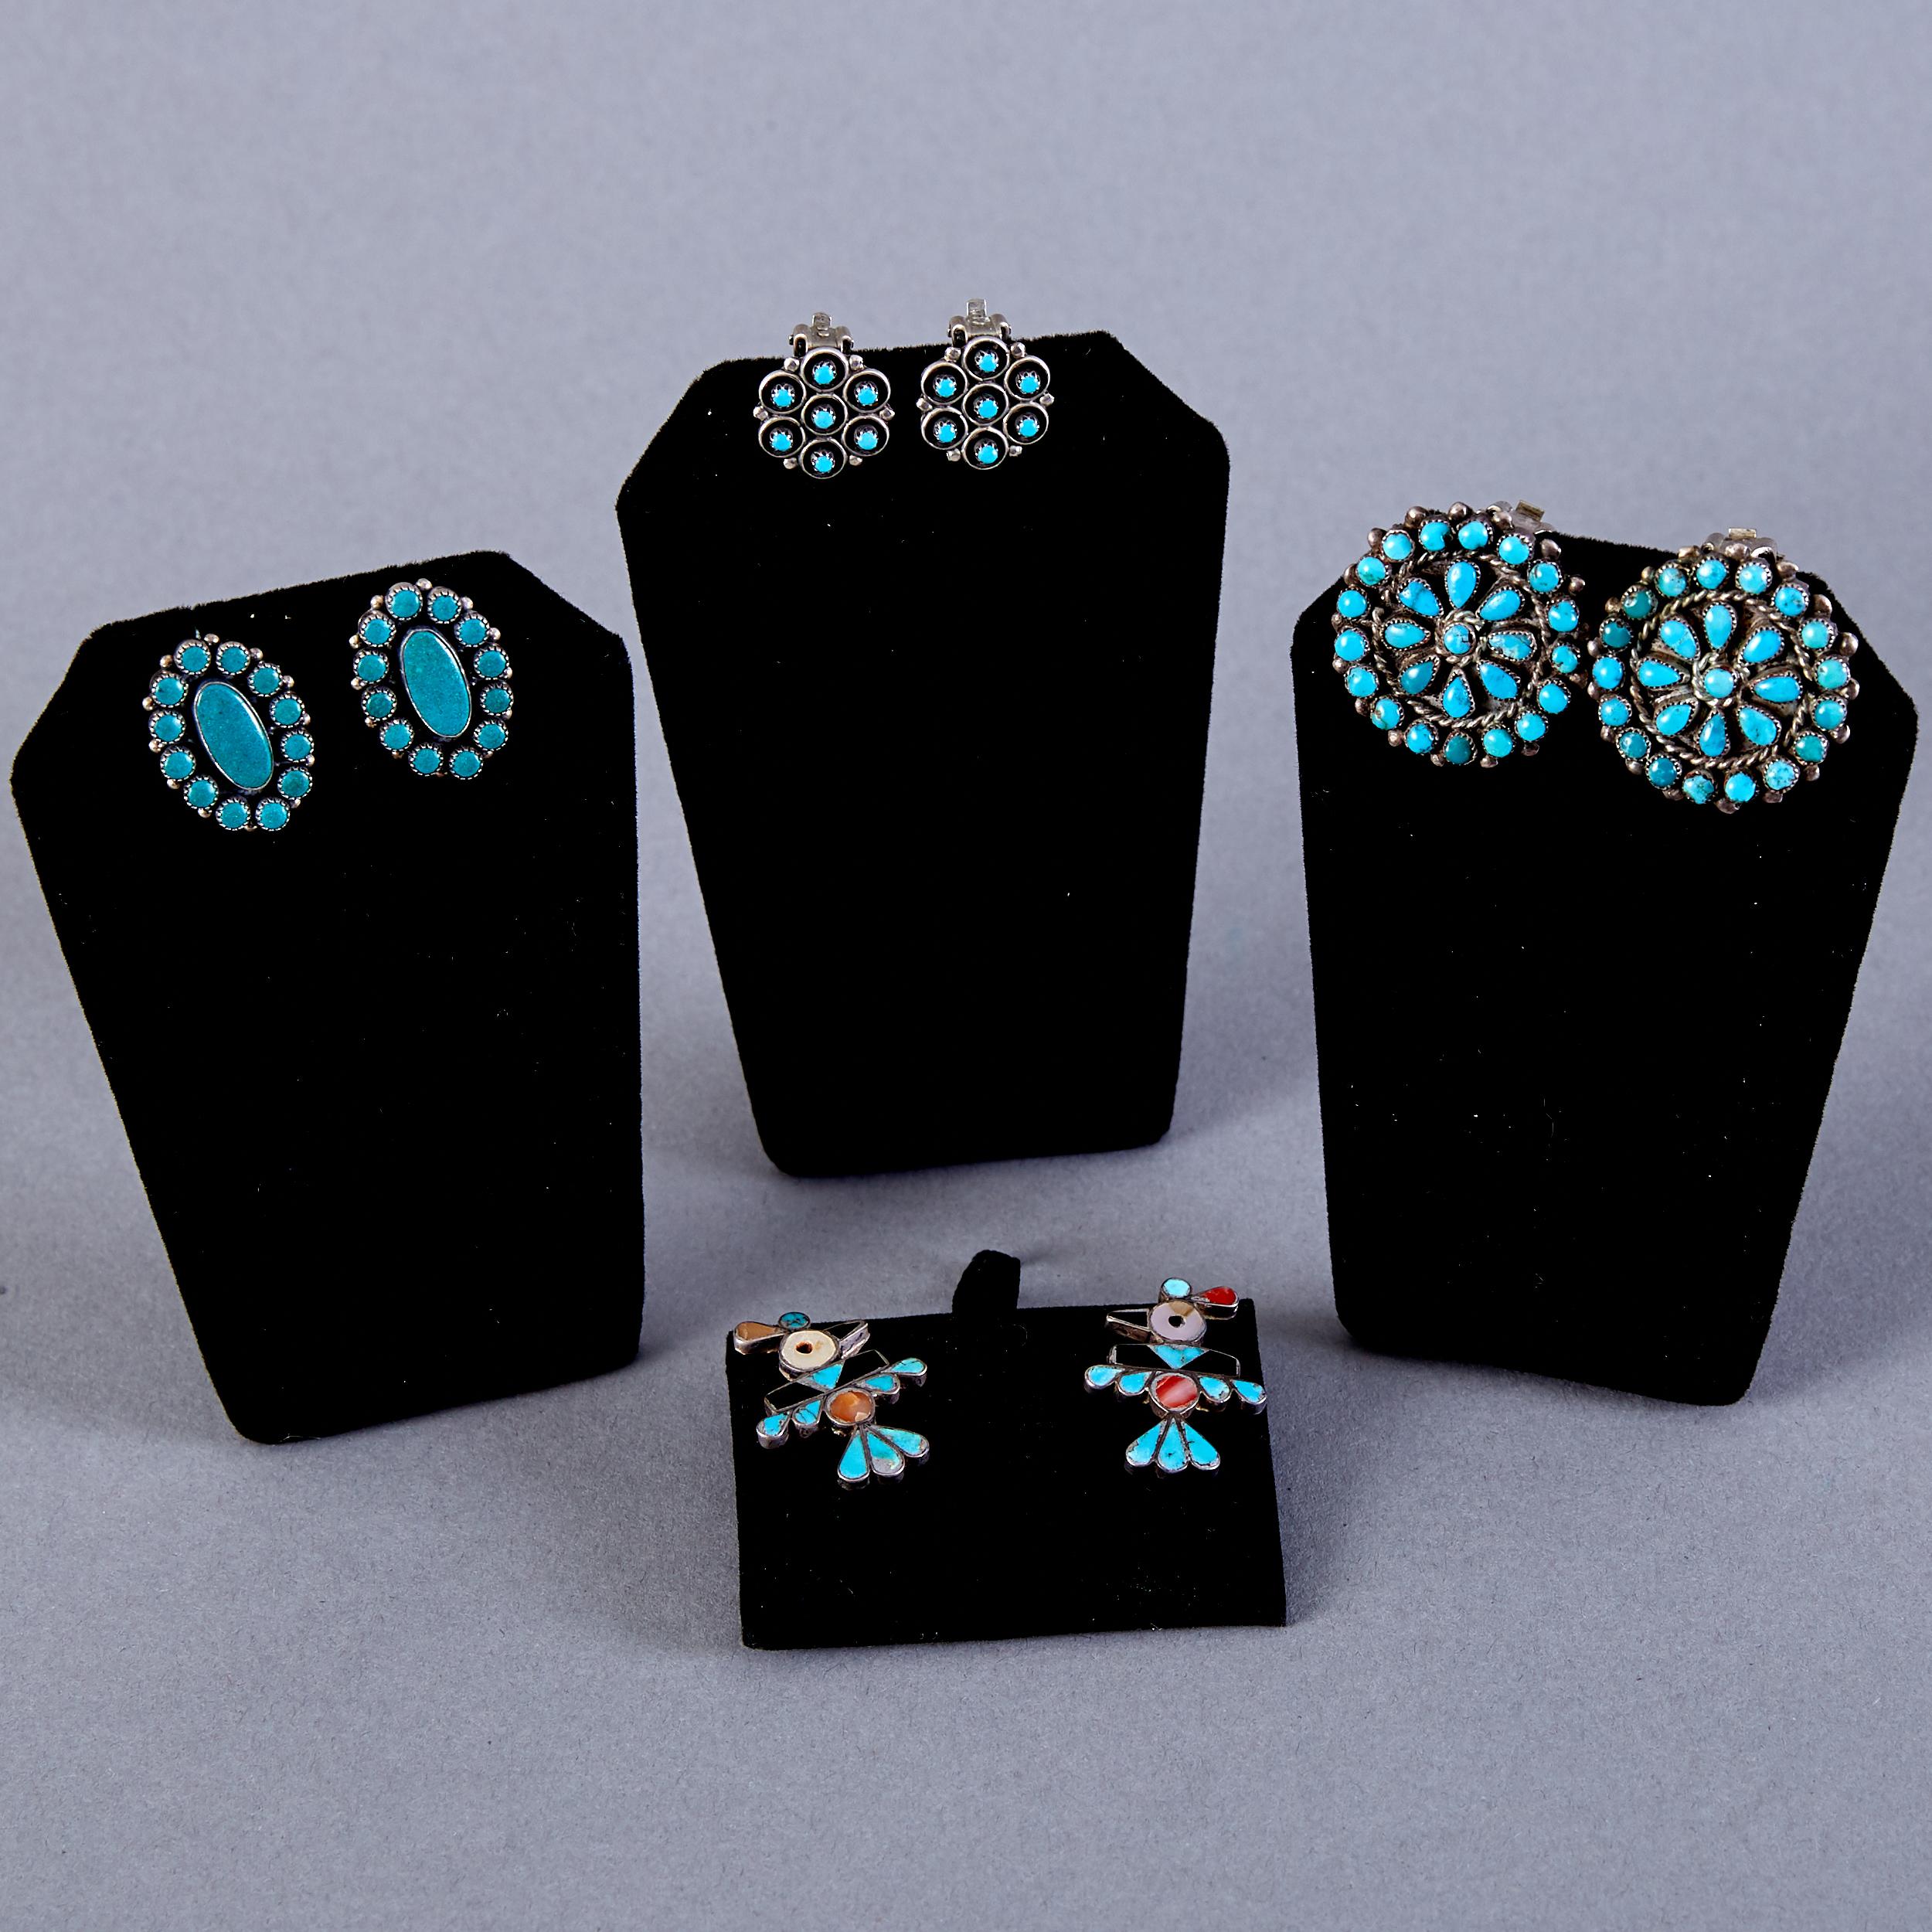 Lot 363 - 4 Pair Native American Earrings Zuni Frank Vacit